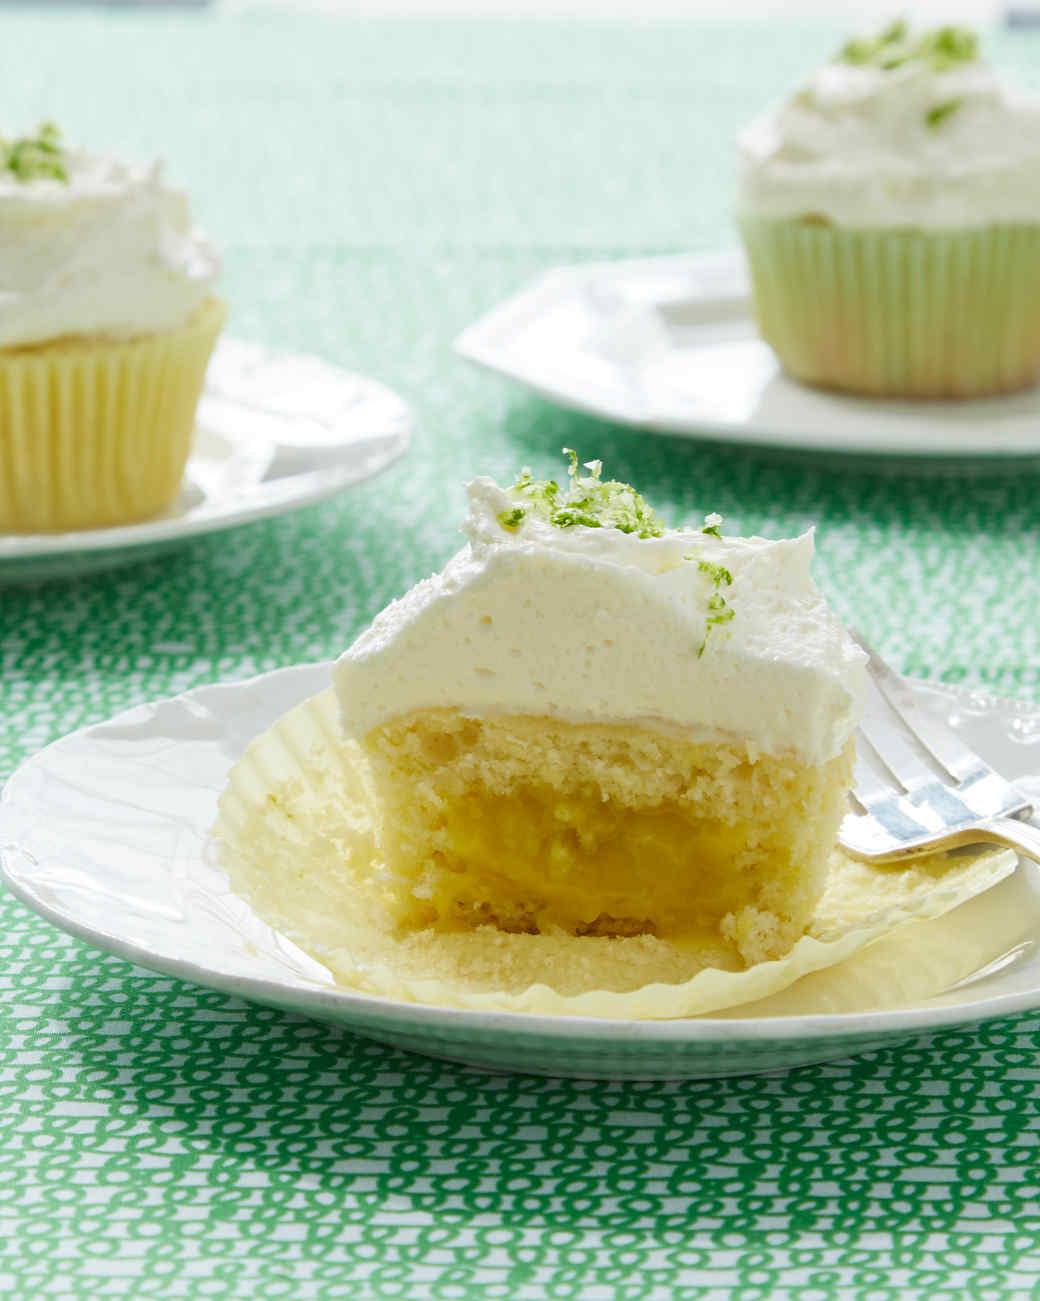 margarita-cupcakes-4031-d112594.jpg